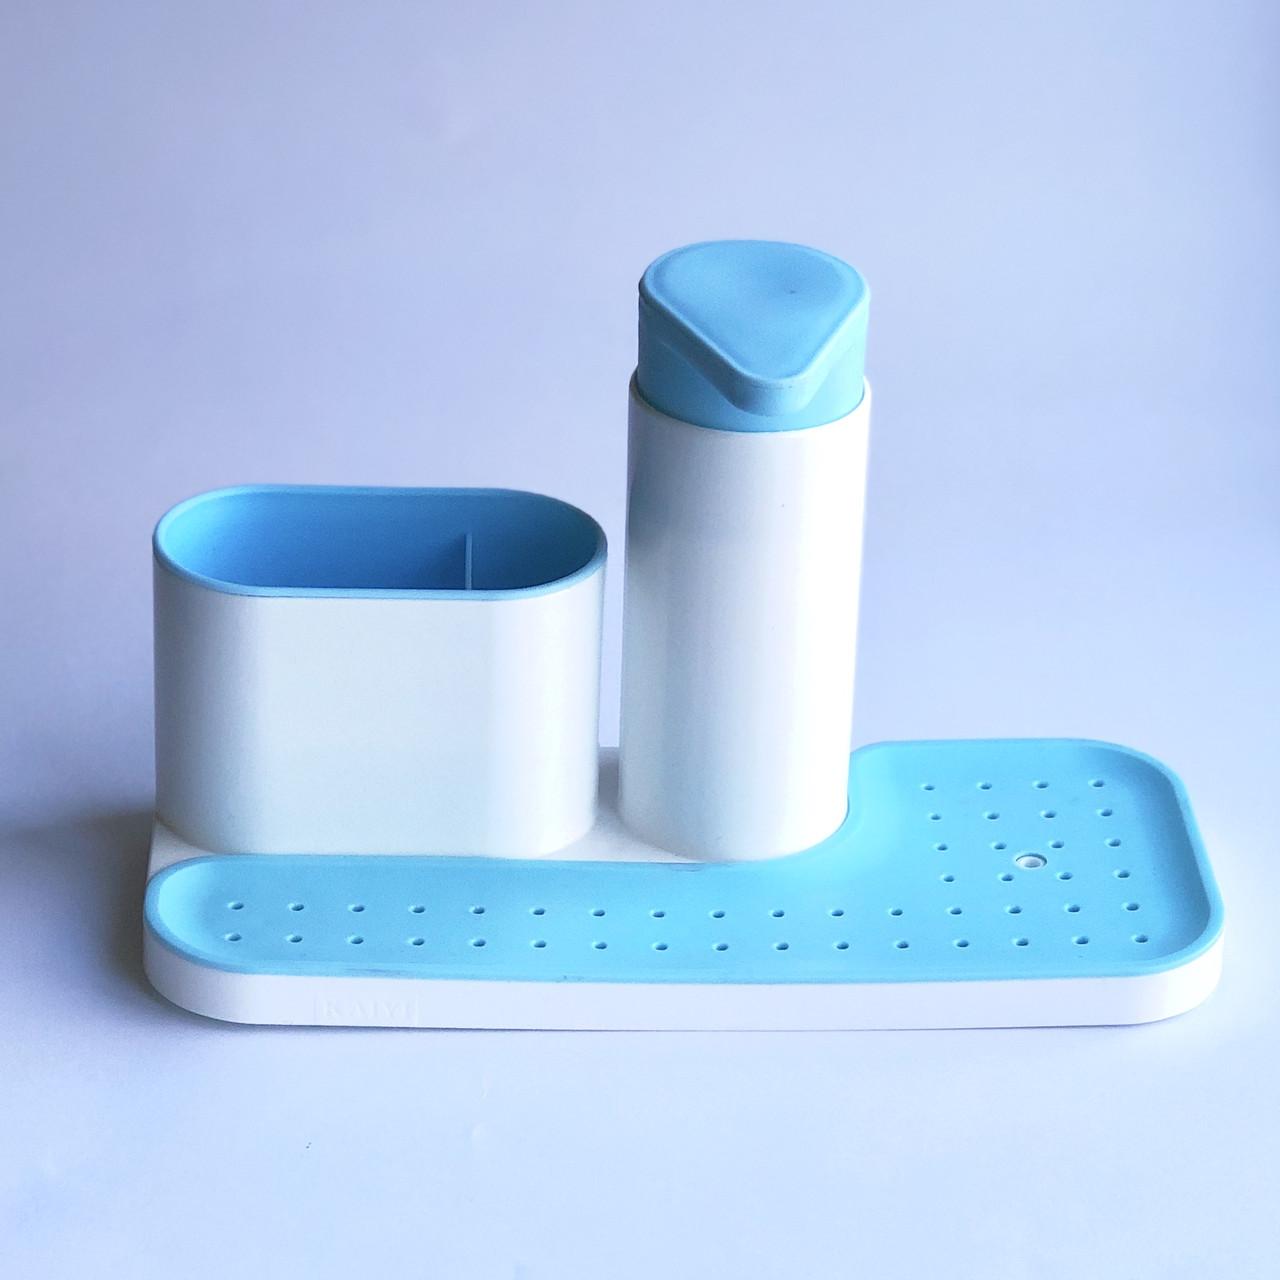 Органайзер для ванной набор - подставка для зубных щеток и дозатор для жидкого мыла (голубой)